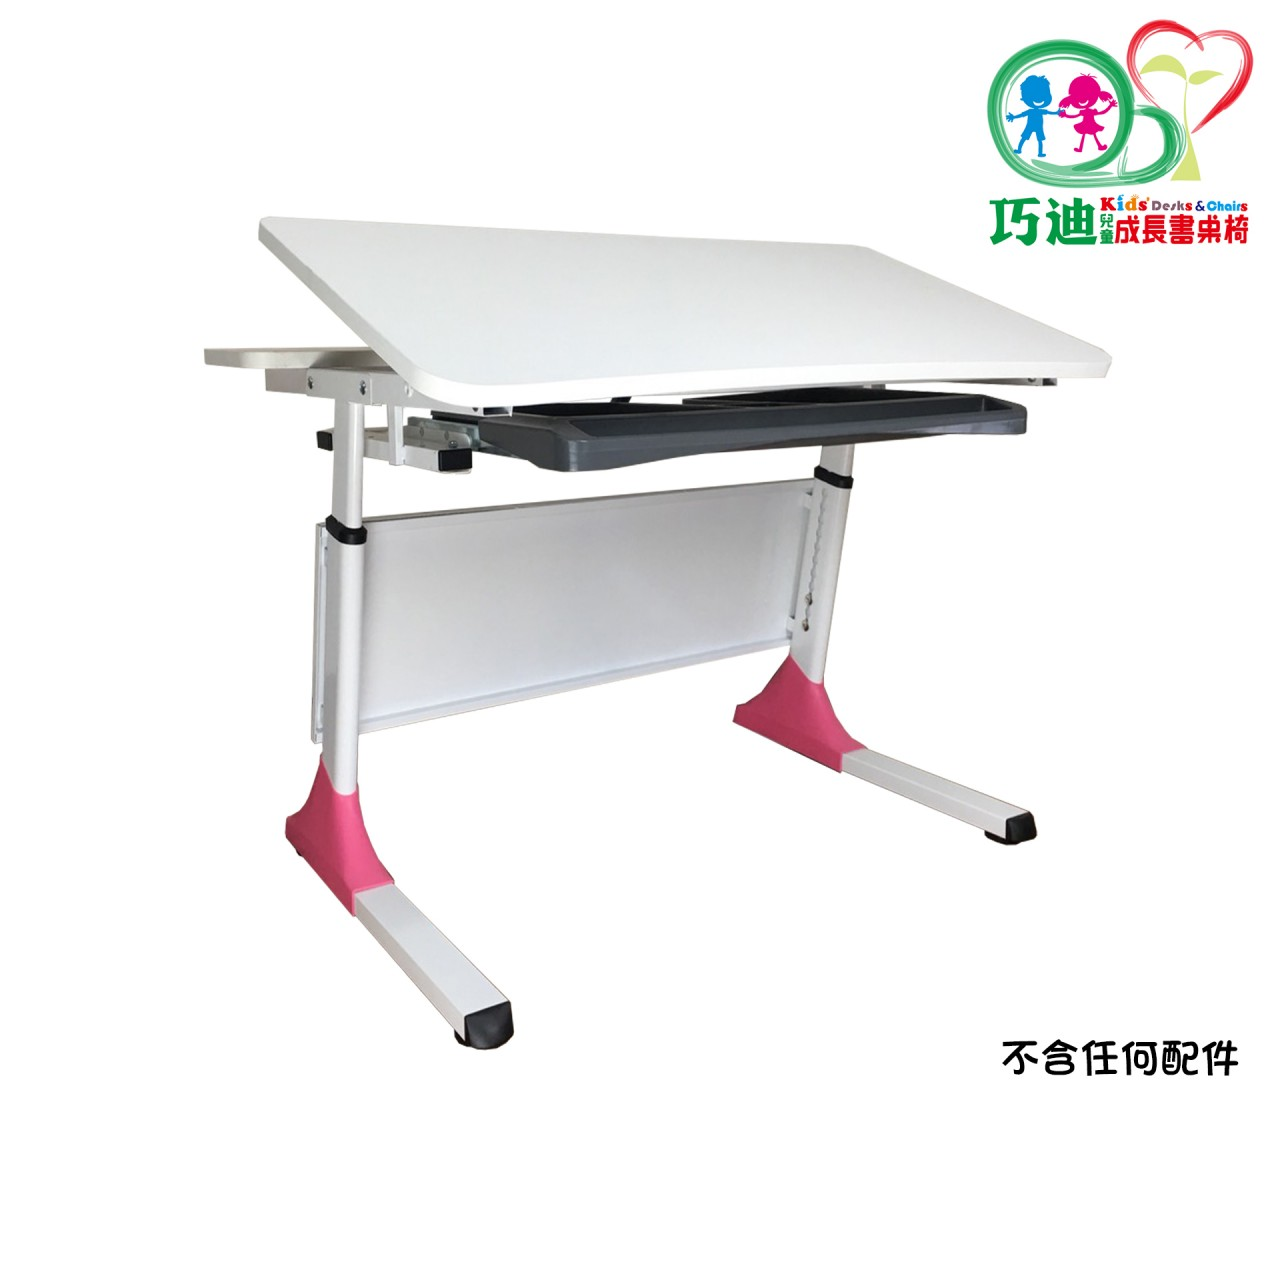 【最適合國高中青少年乘坐電腦桌款式2】GS3機械升降桌